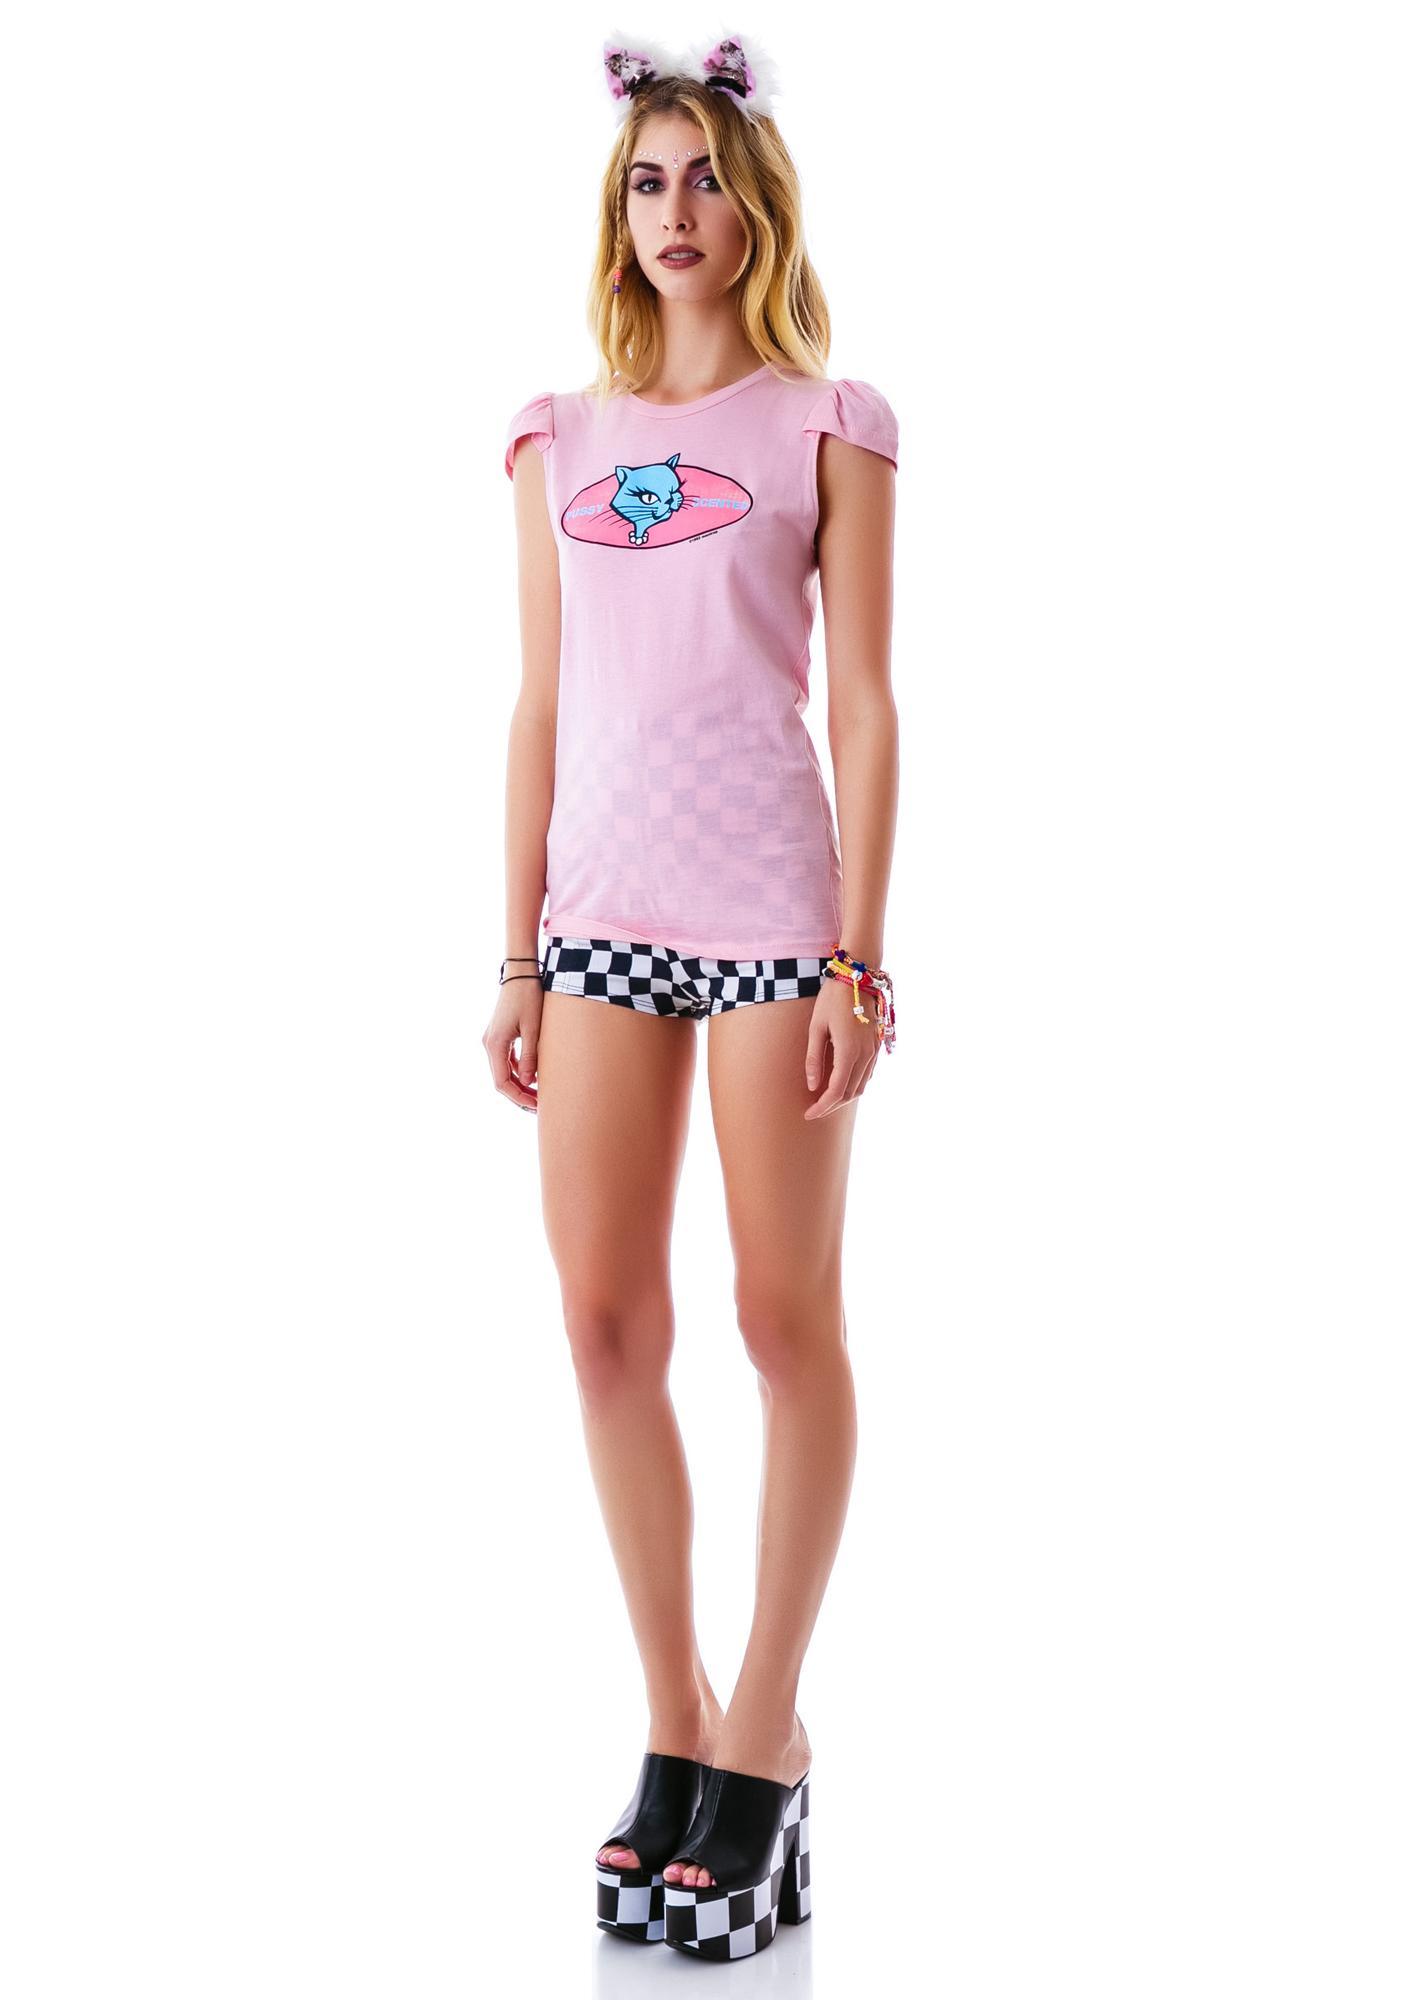 Bikini model nn young